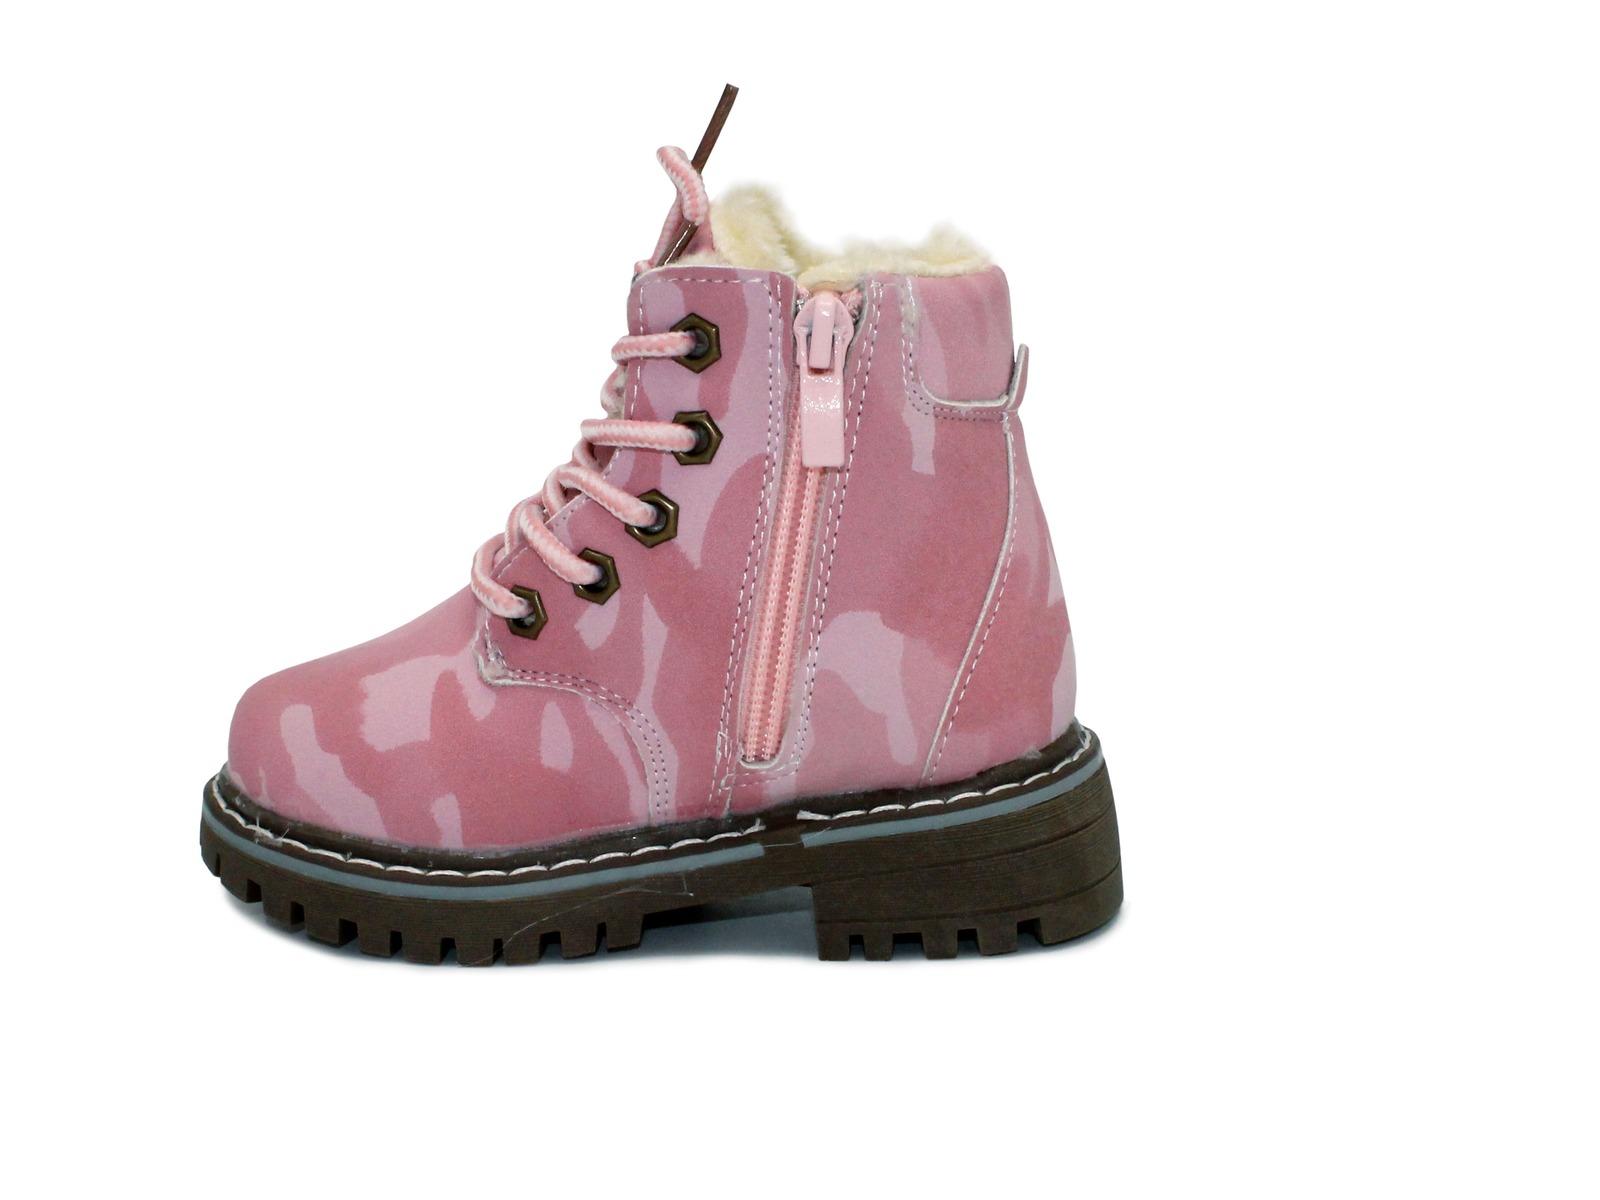 ea12678b2 Ботинки Шалунишка для девочек розовые милитари эко кожа 27 - 28 ...